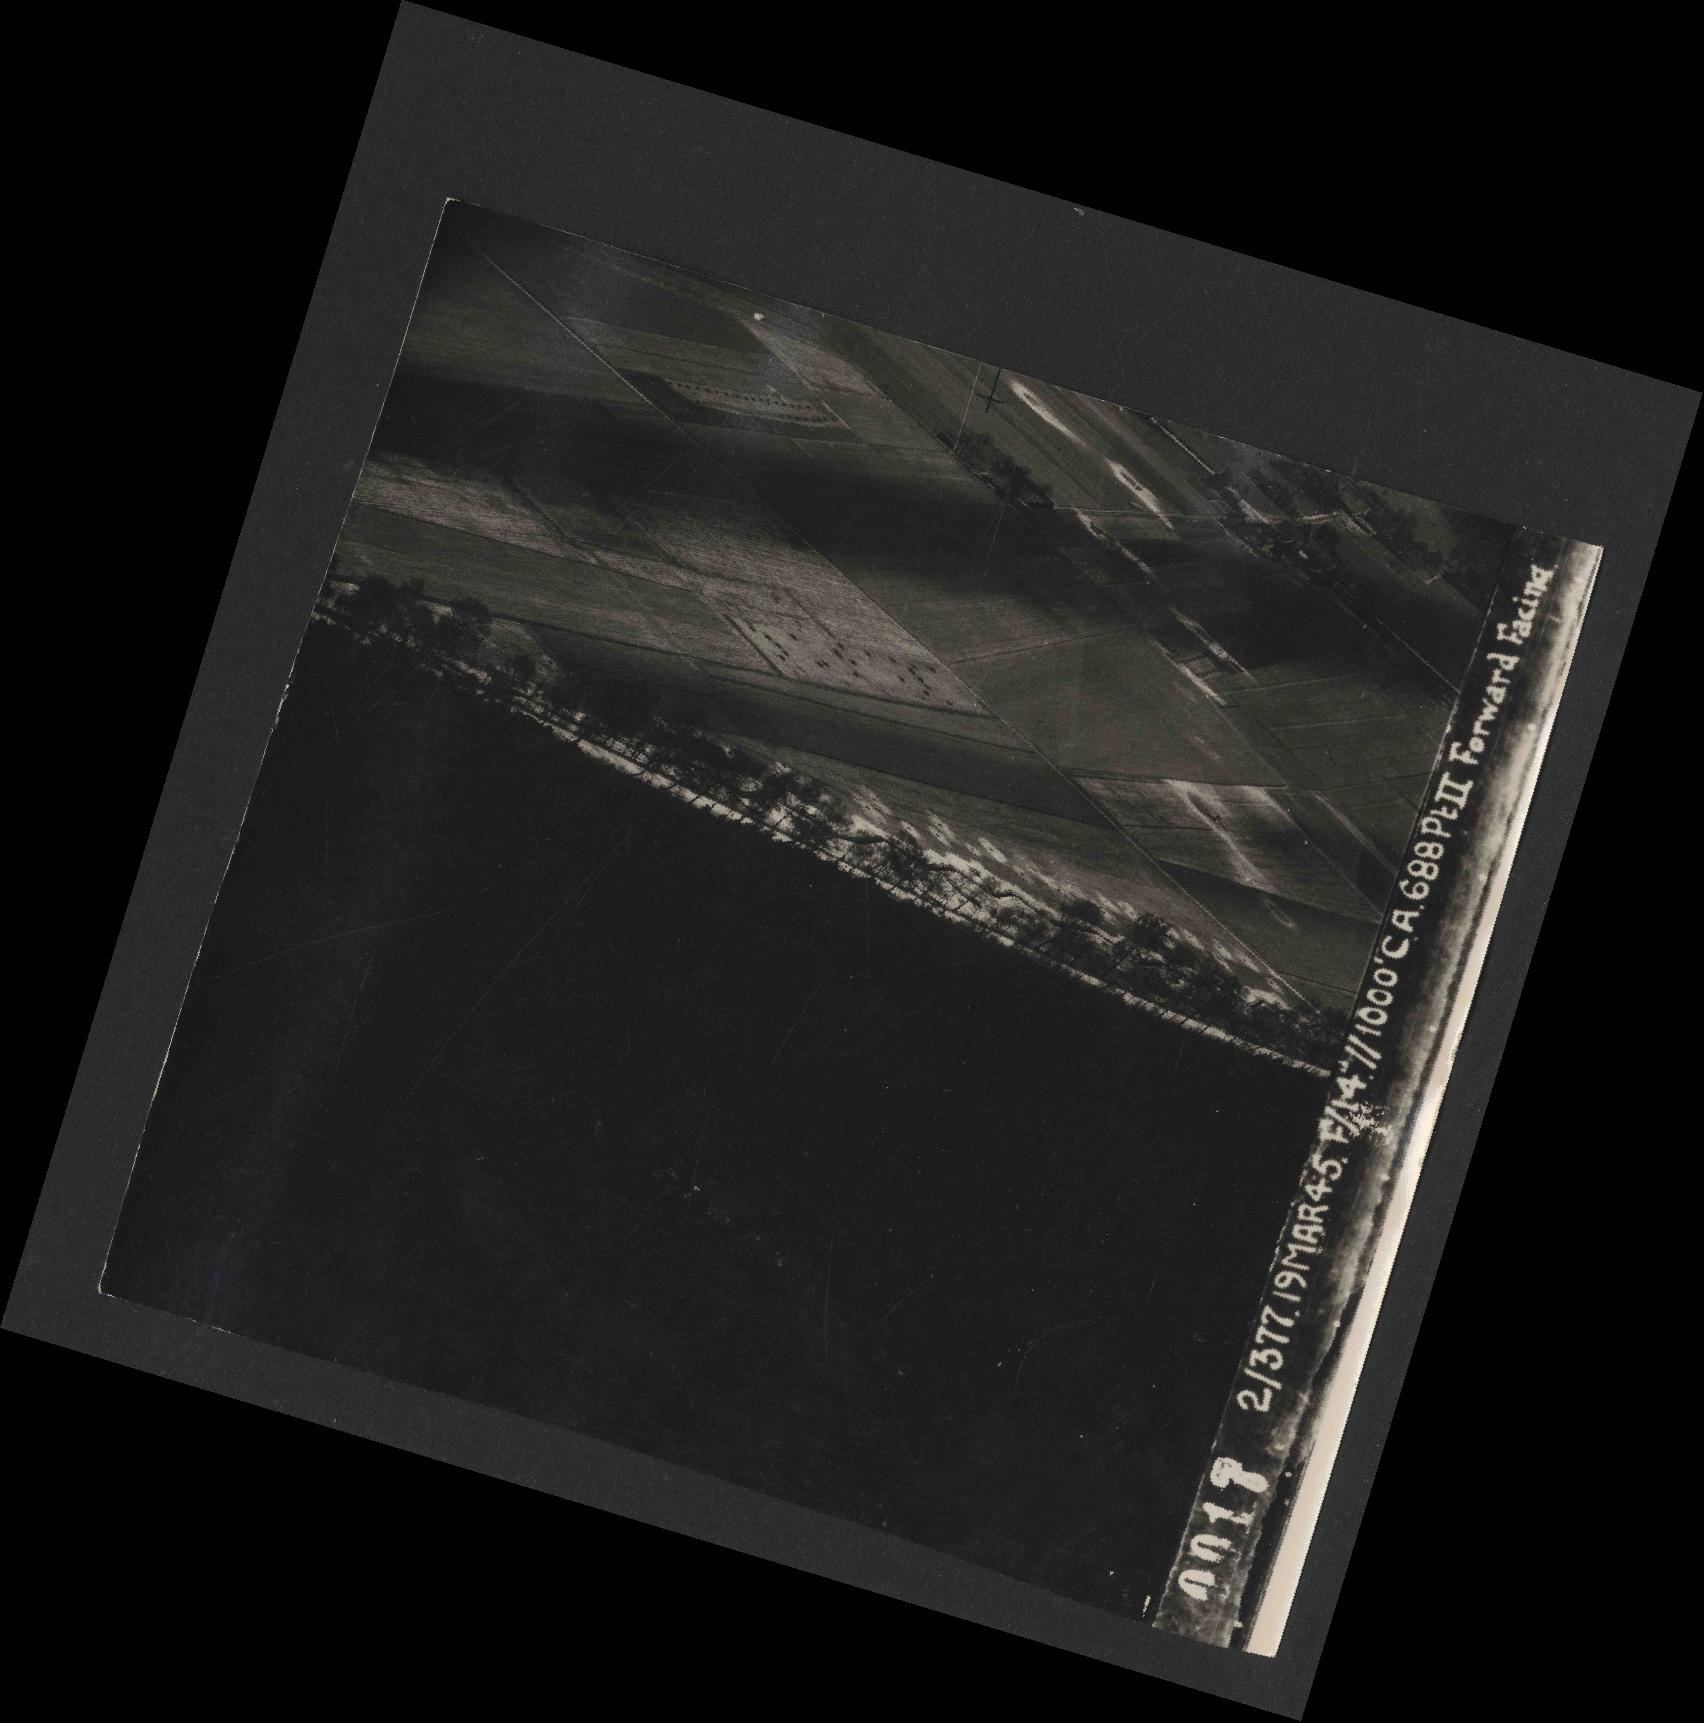 Collection RAF aerial photos 1940-1945 - flight 515, run 01, photo 0017